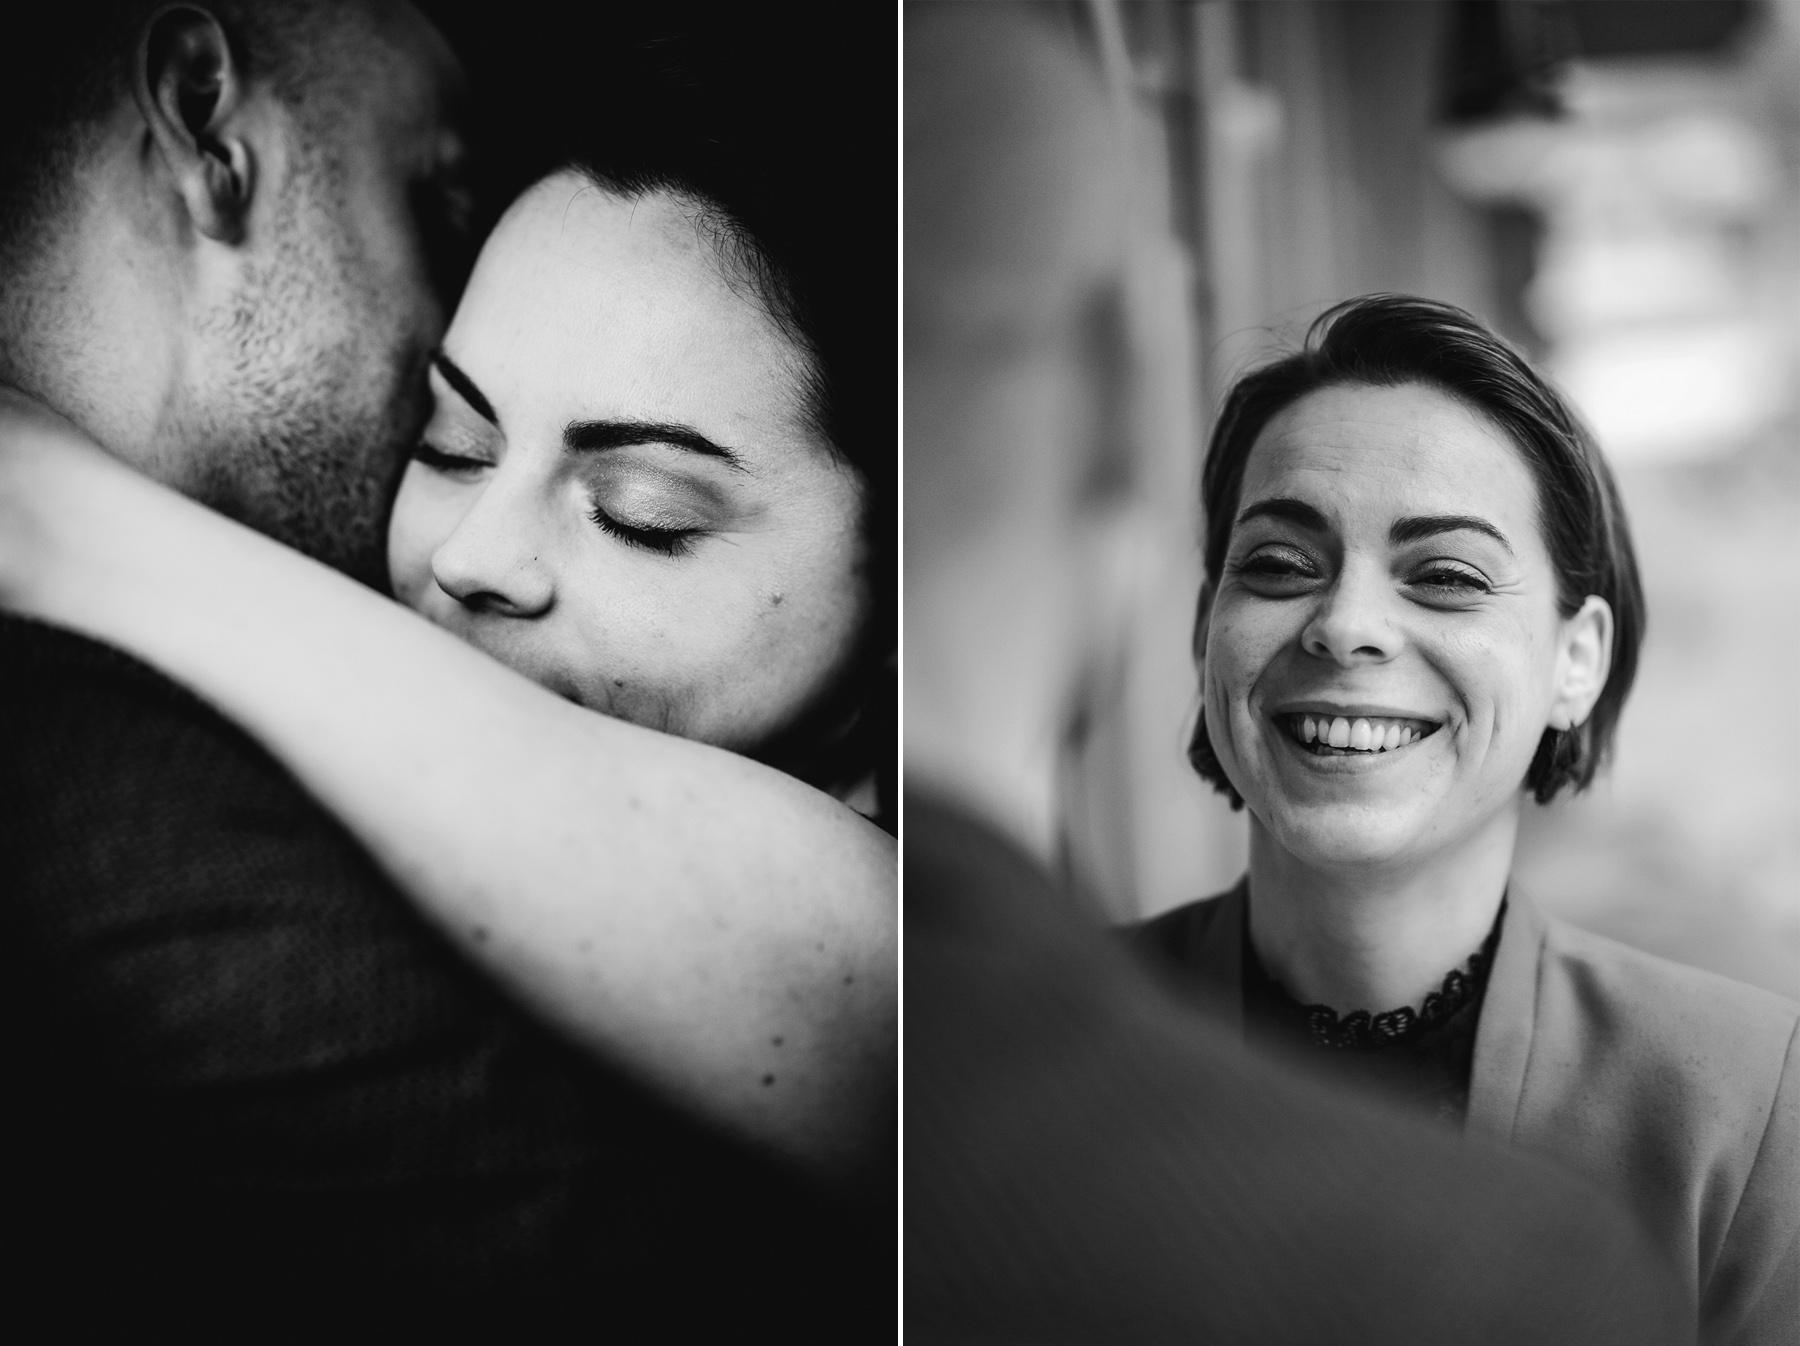 Shooting couple noir blanc photographe pluie 115